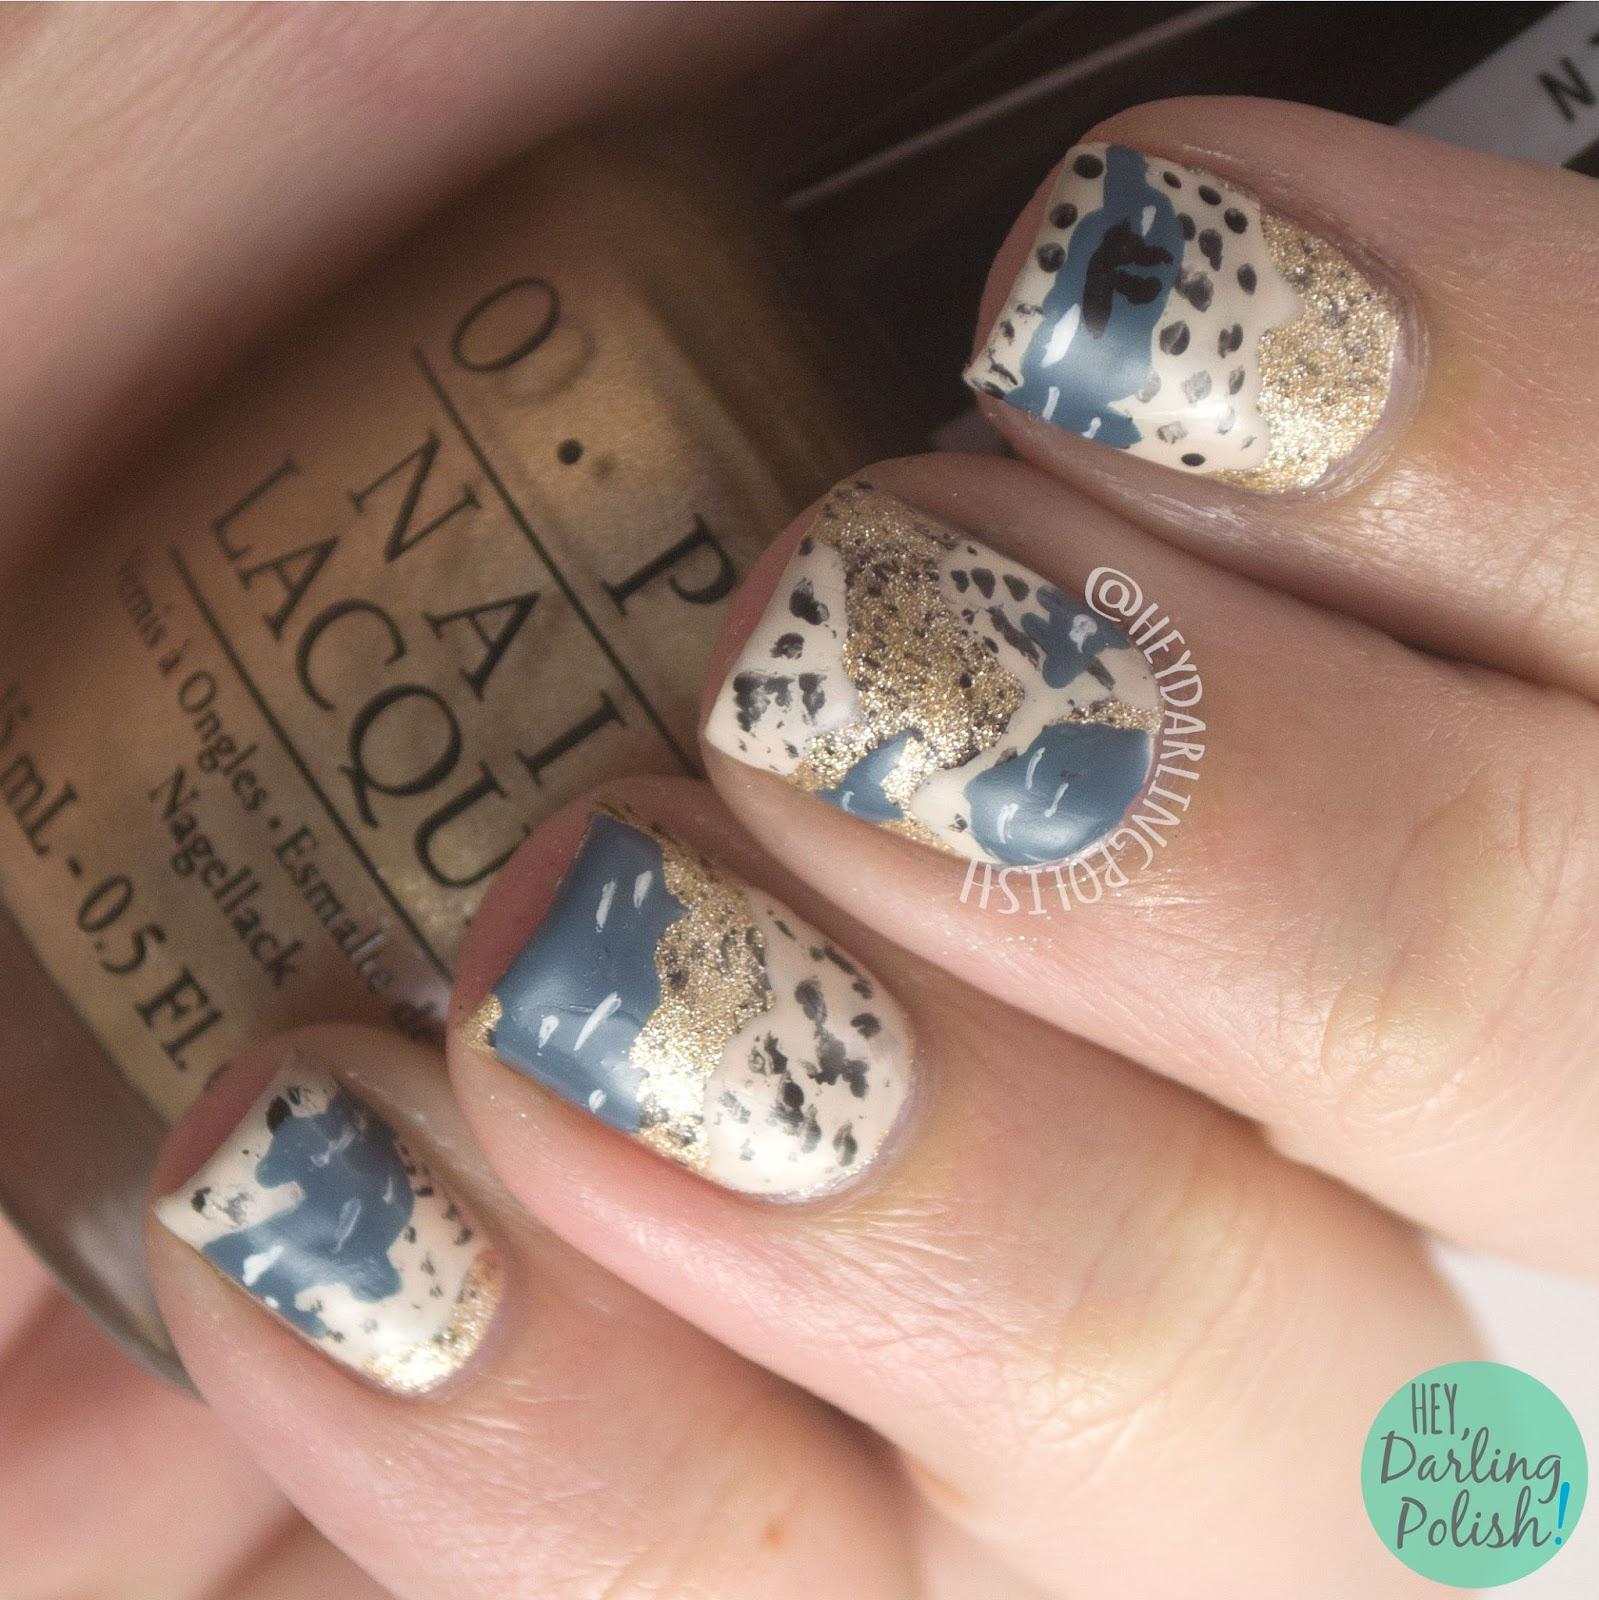 nails, nail art, nail polish, marshlands, hey darling polish, gold, tan, blue, the nail challenge collaborative, books,